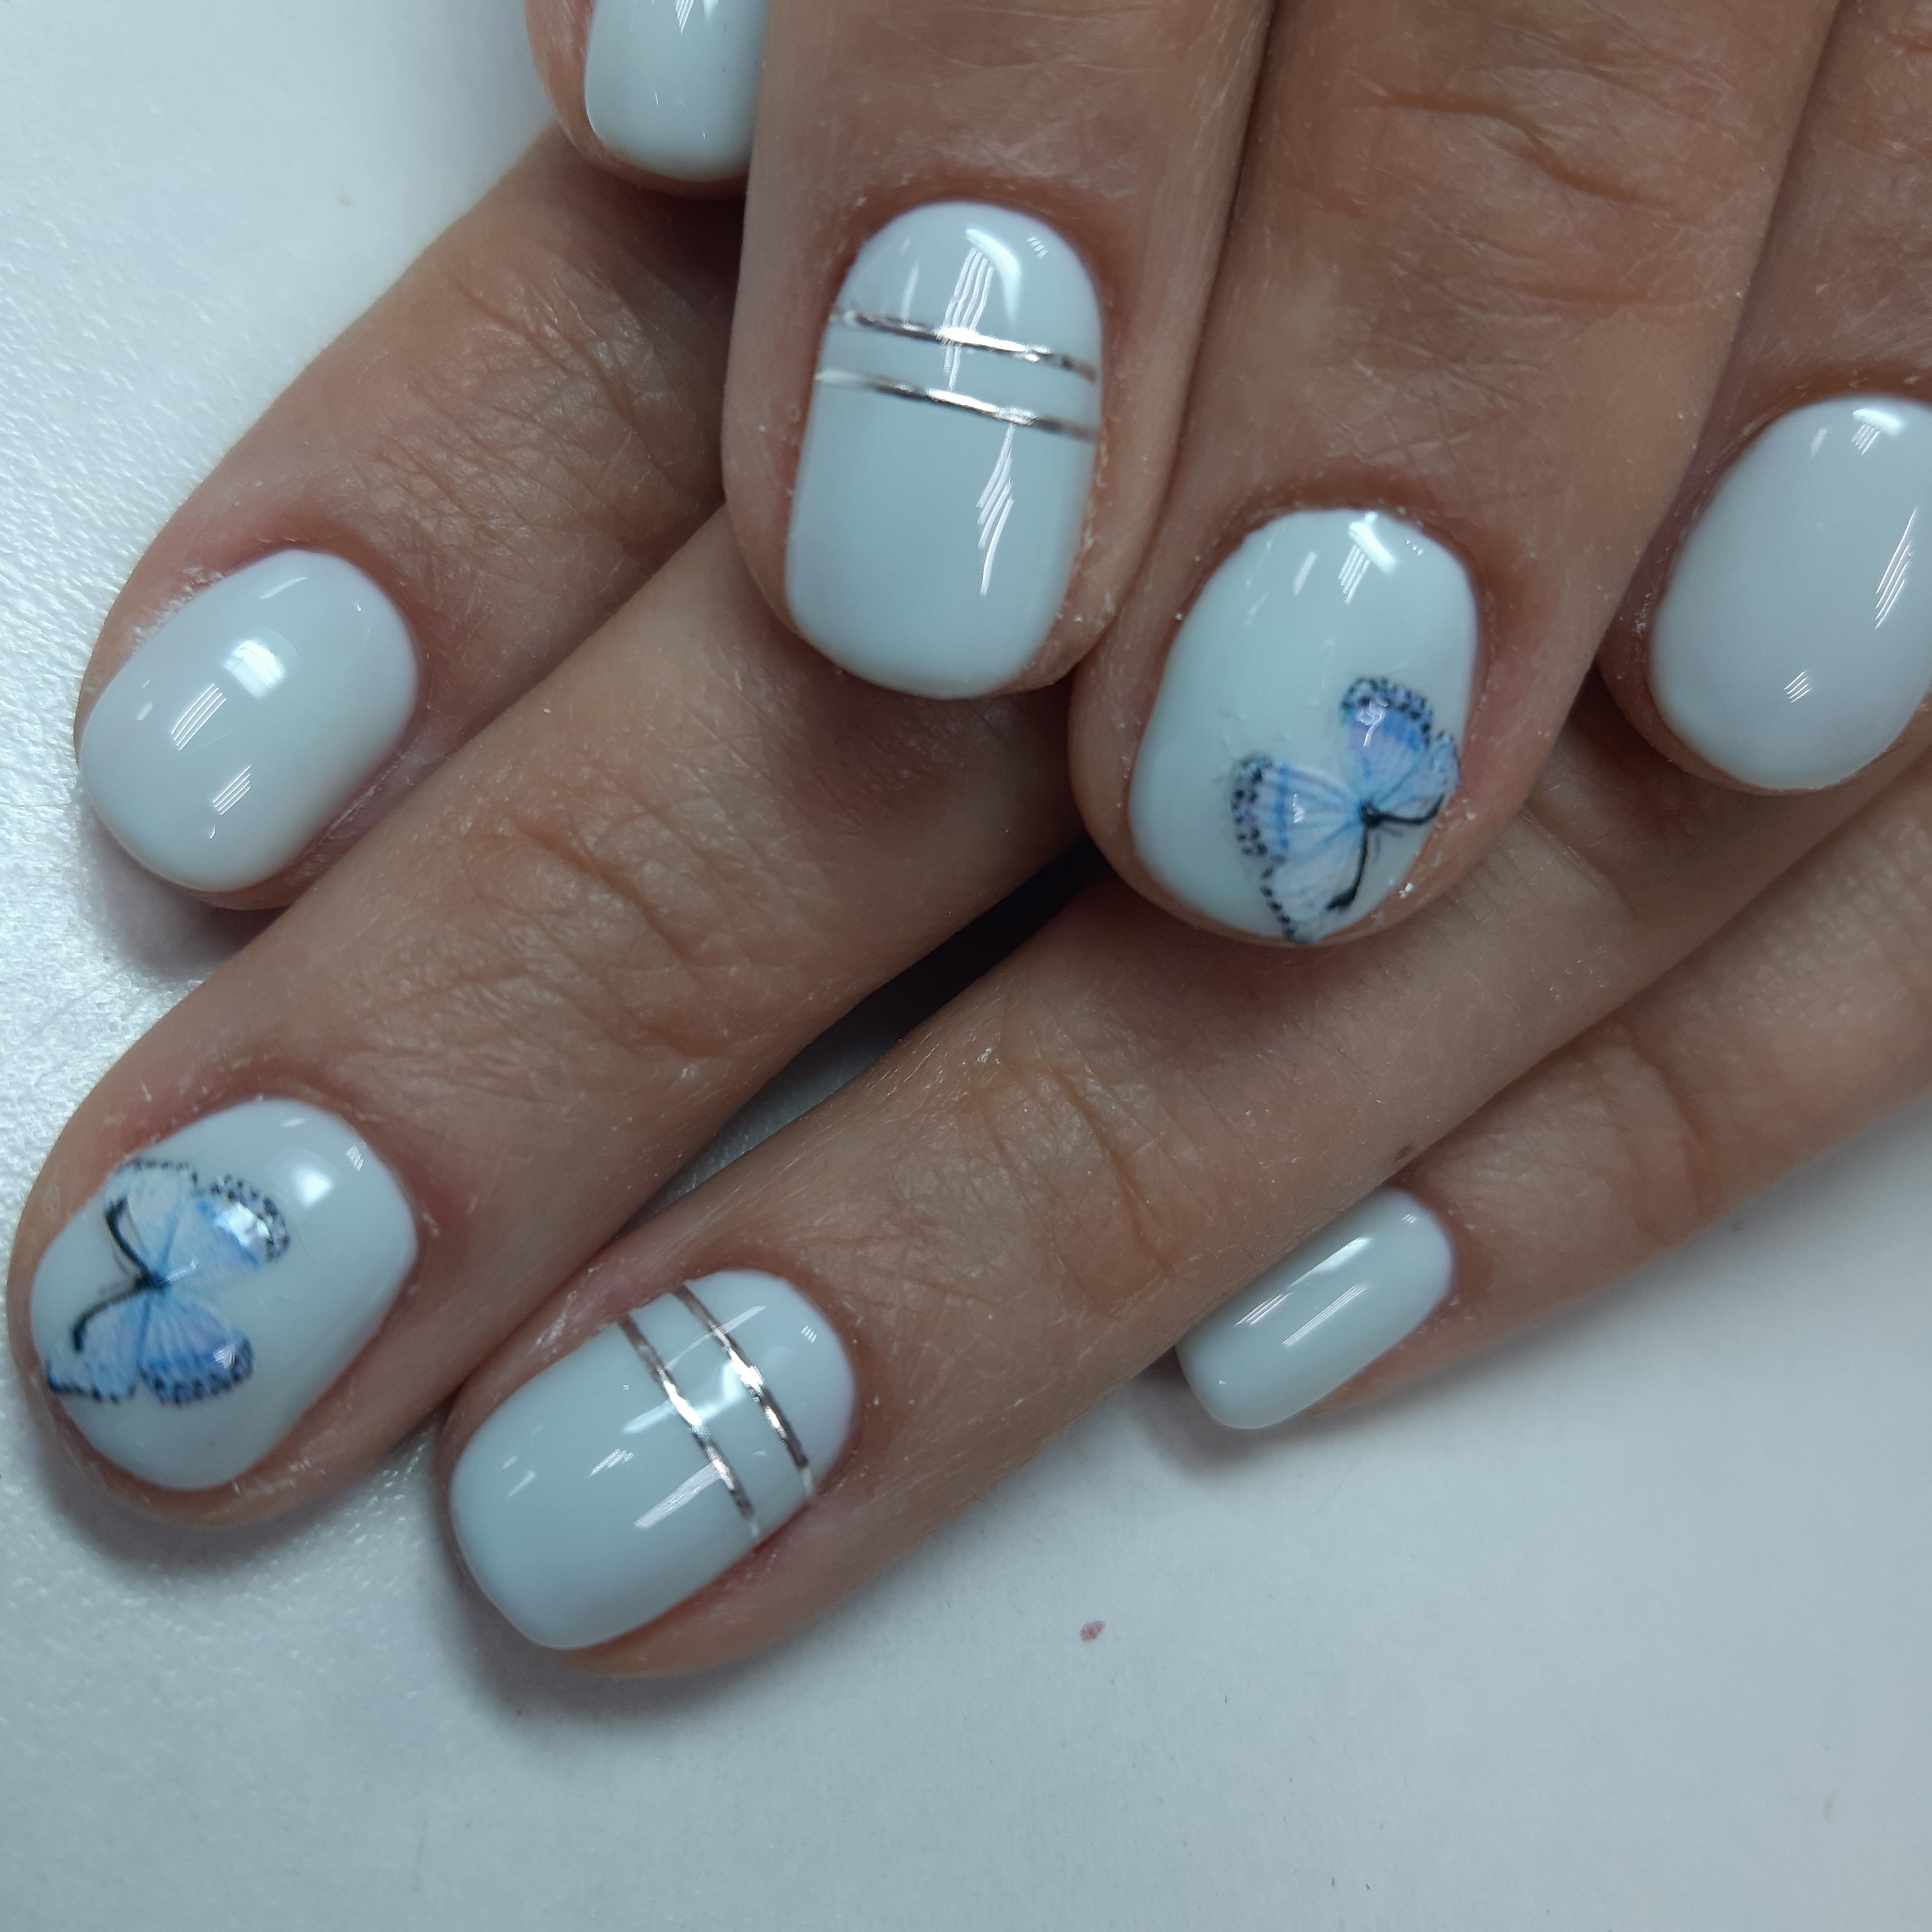 Маникюр с бабочками и серебряными полосками в белом цвете.